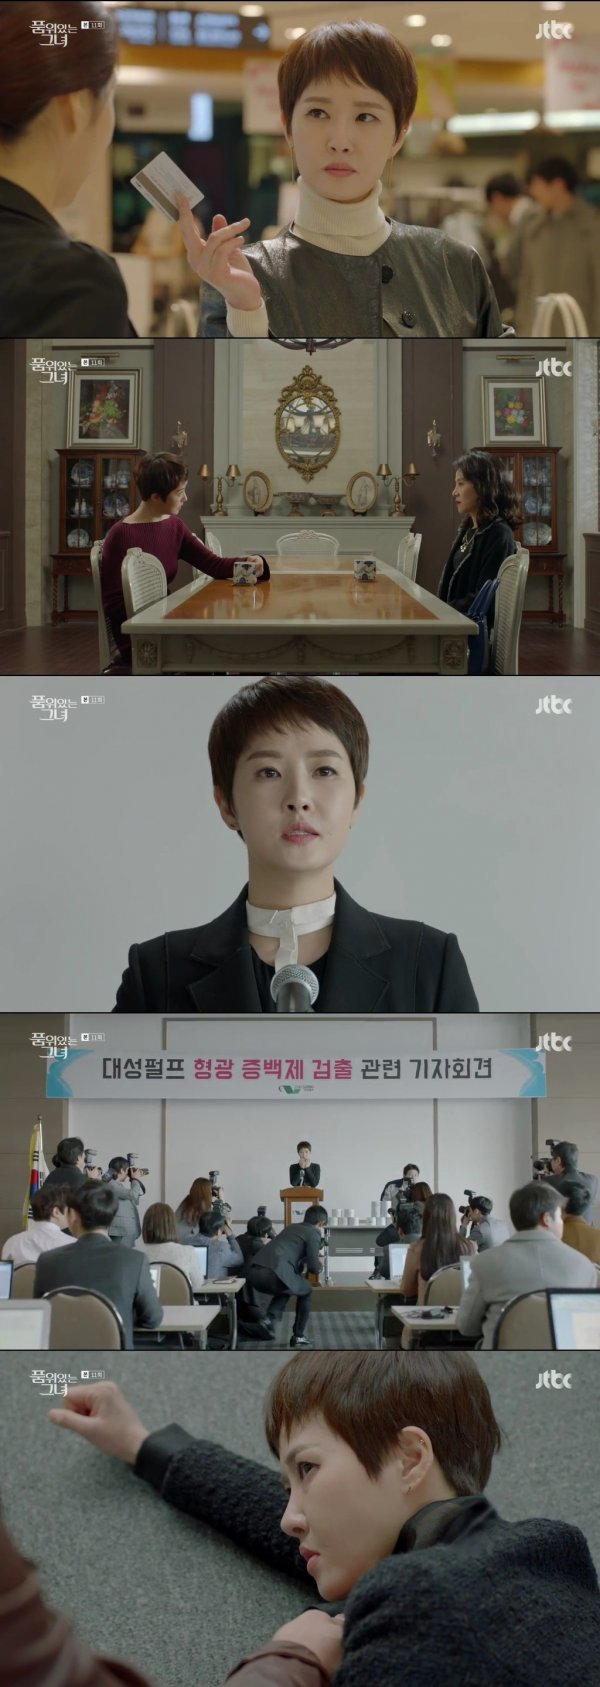 [DA:시청률] 김선아의 야망 질주에 시청률도 질주…최고 9.1% 경신